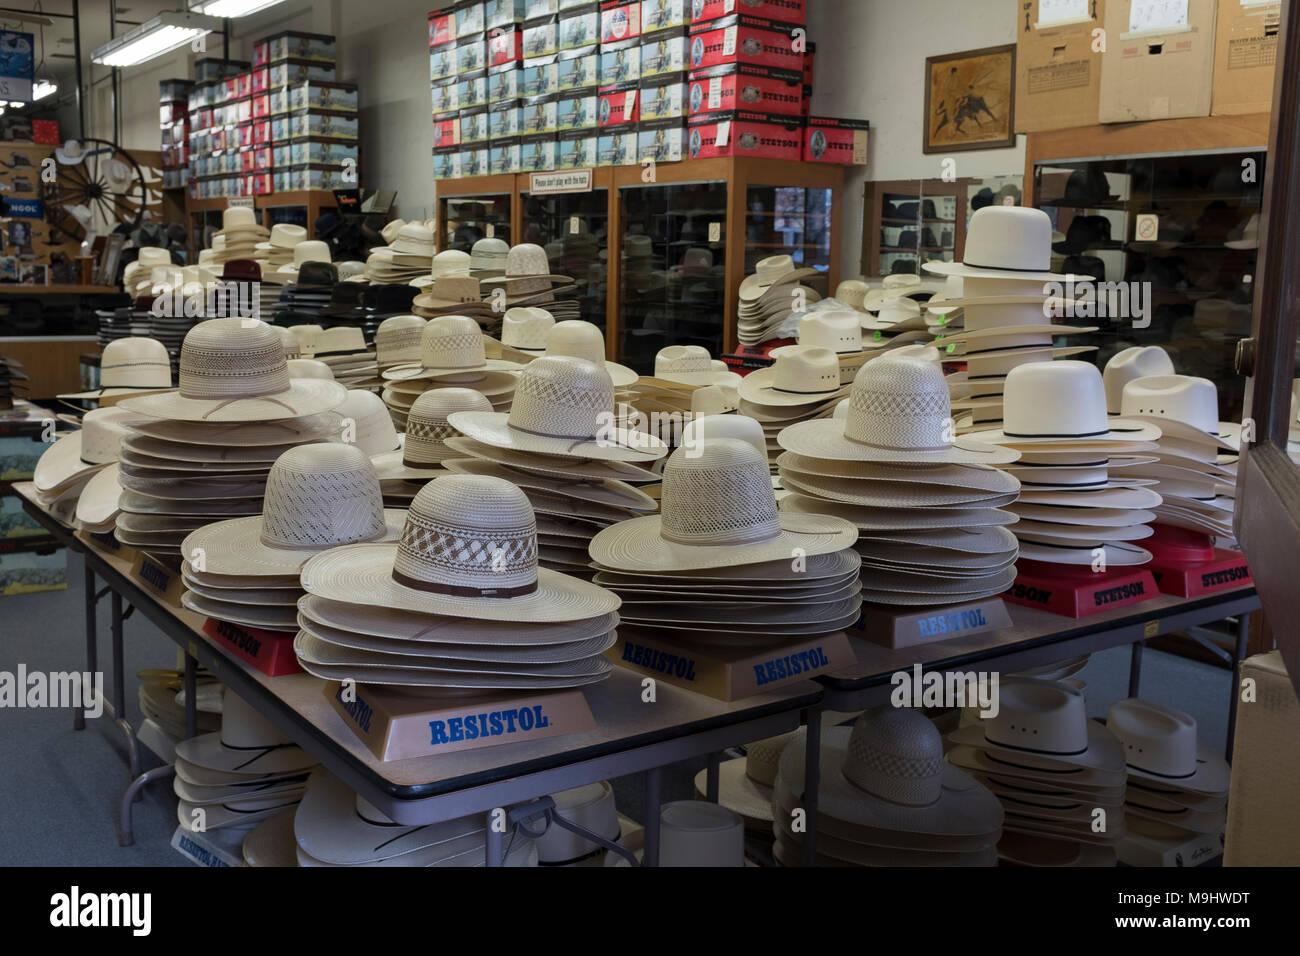 51633a02da6 Hat Shop Stock Photos   Hat Shop Stock Images - Alamy